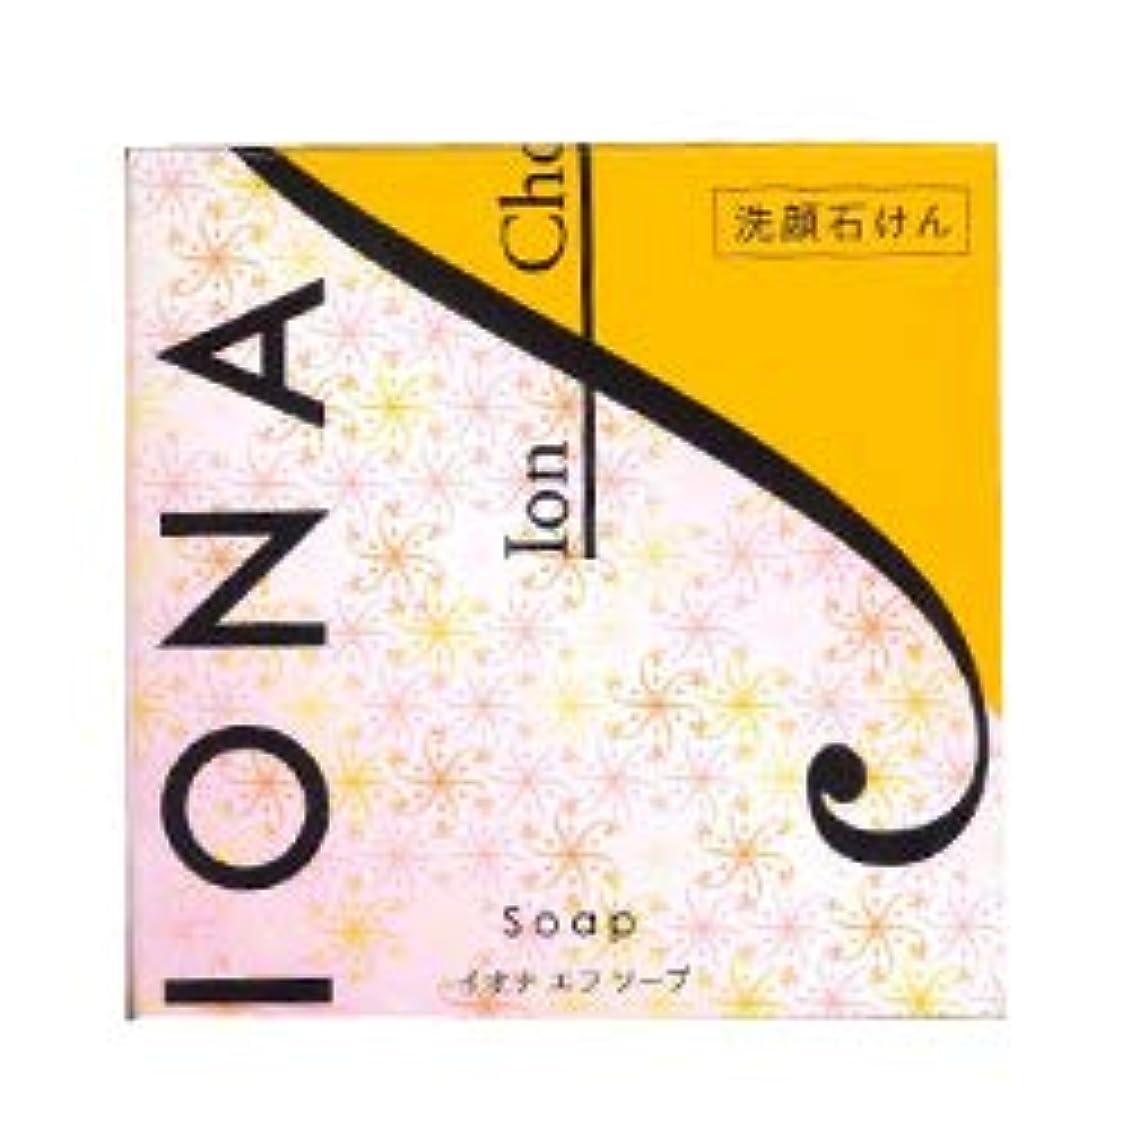 寝る歯麻痺させる【イオナ】イオナ エフ ソープ 90g